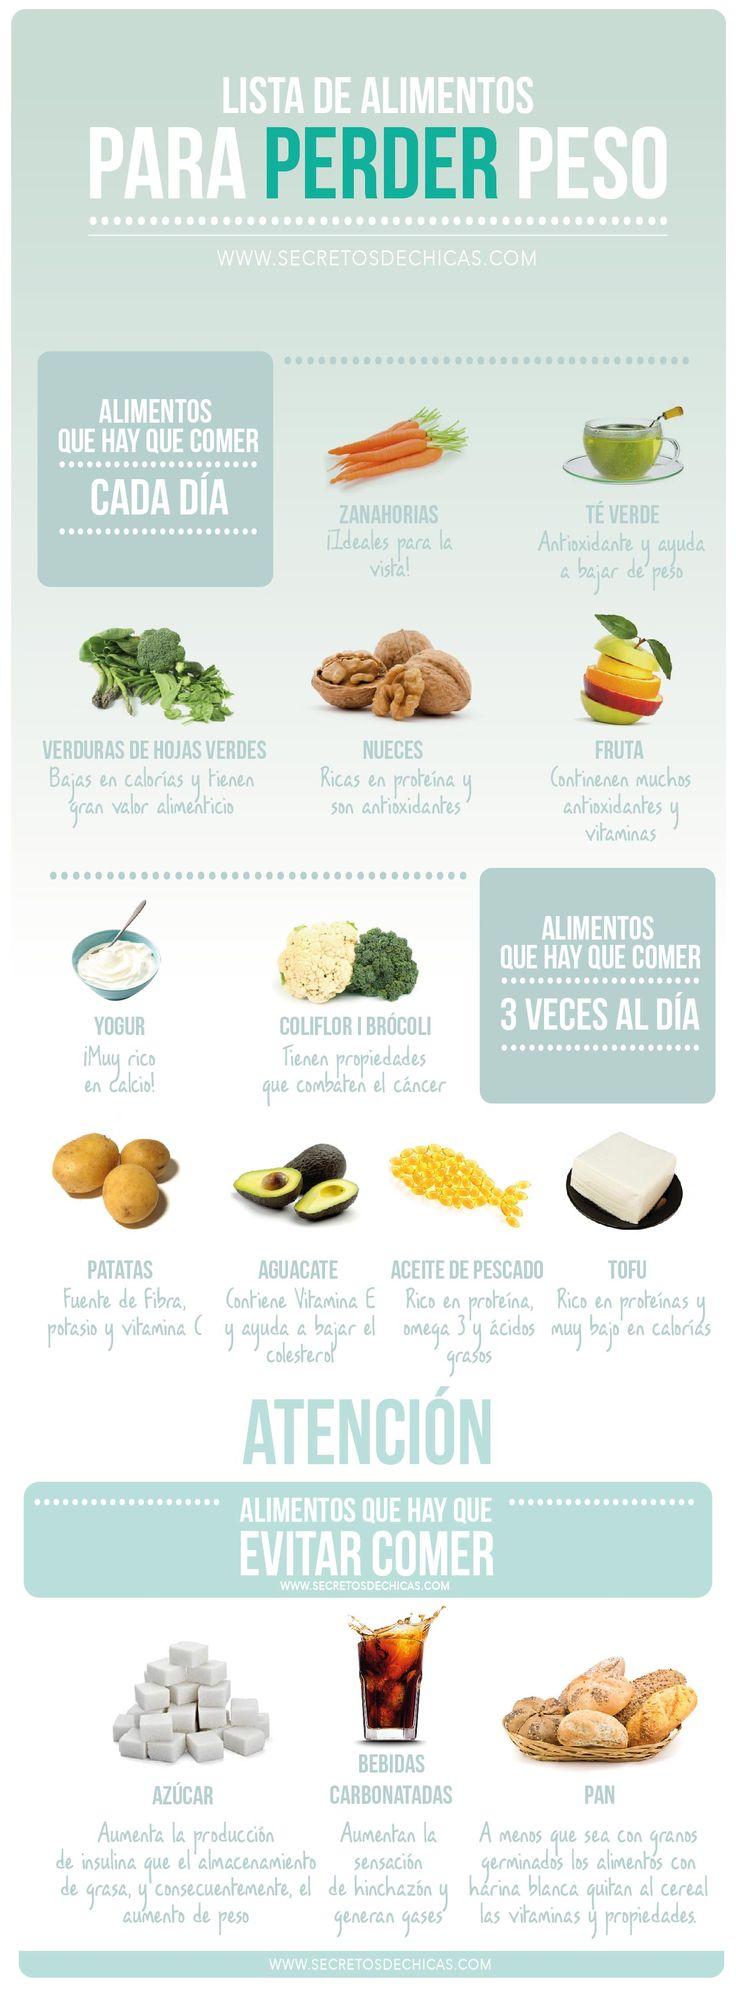 Recetas dietas balanceadas para bajar peso formas de - Que puedo hacer para adelgazar ...